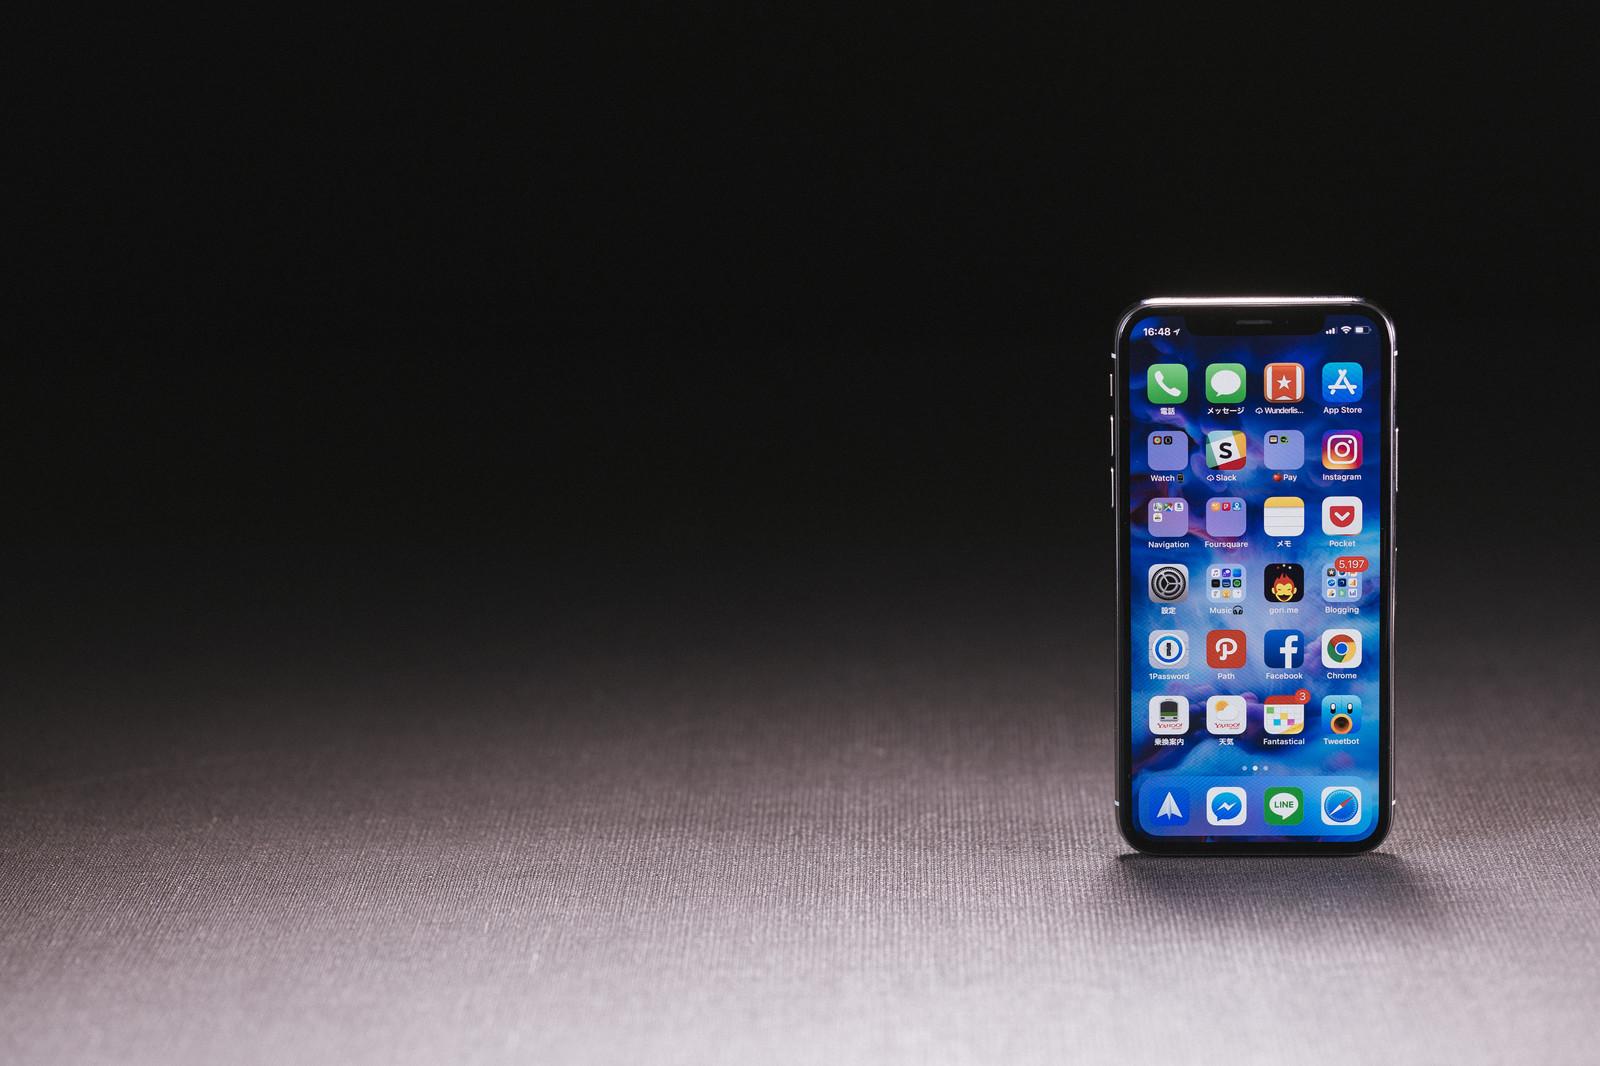 変える Iphone アイコン